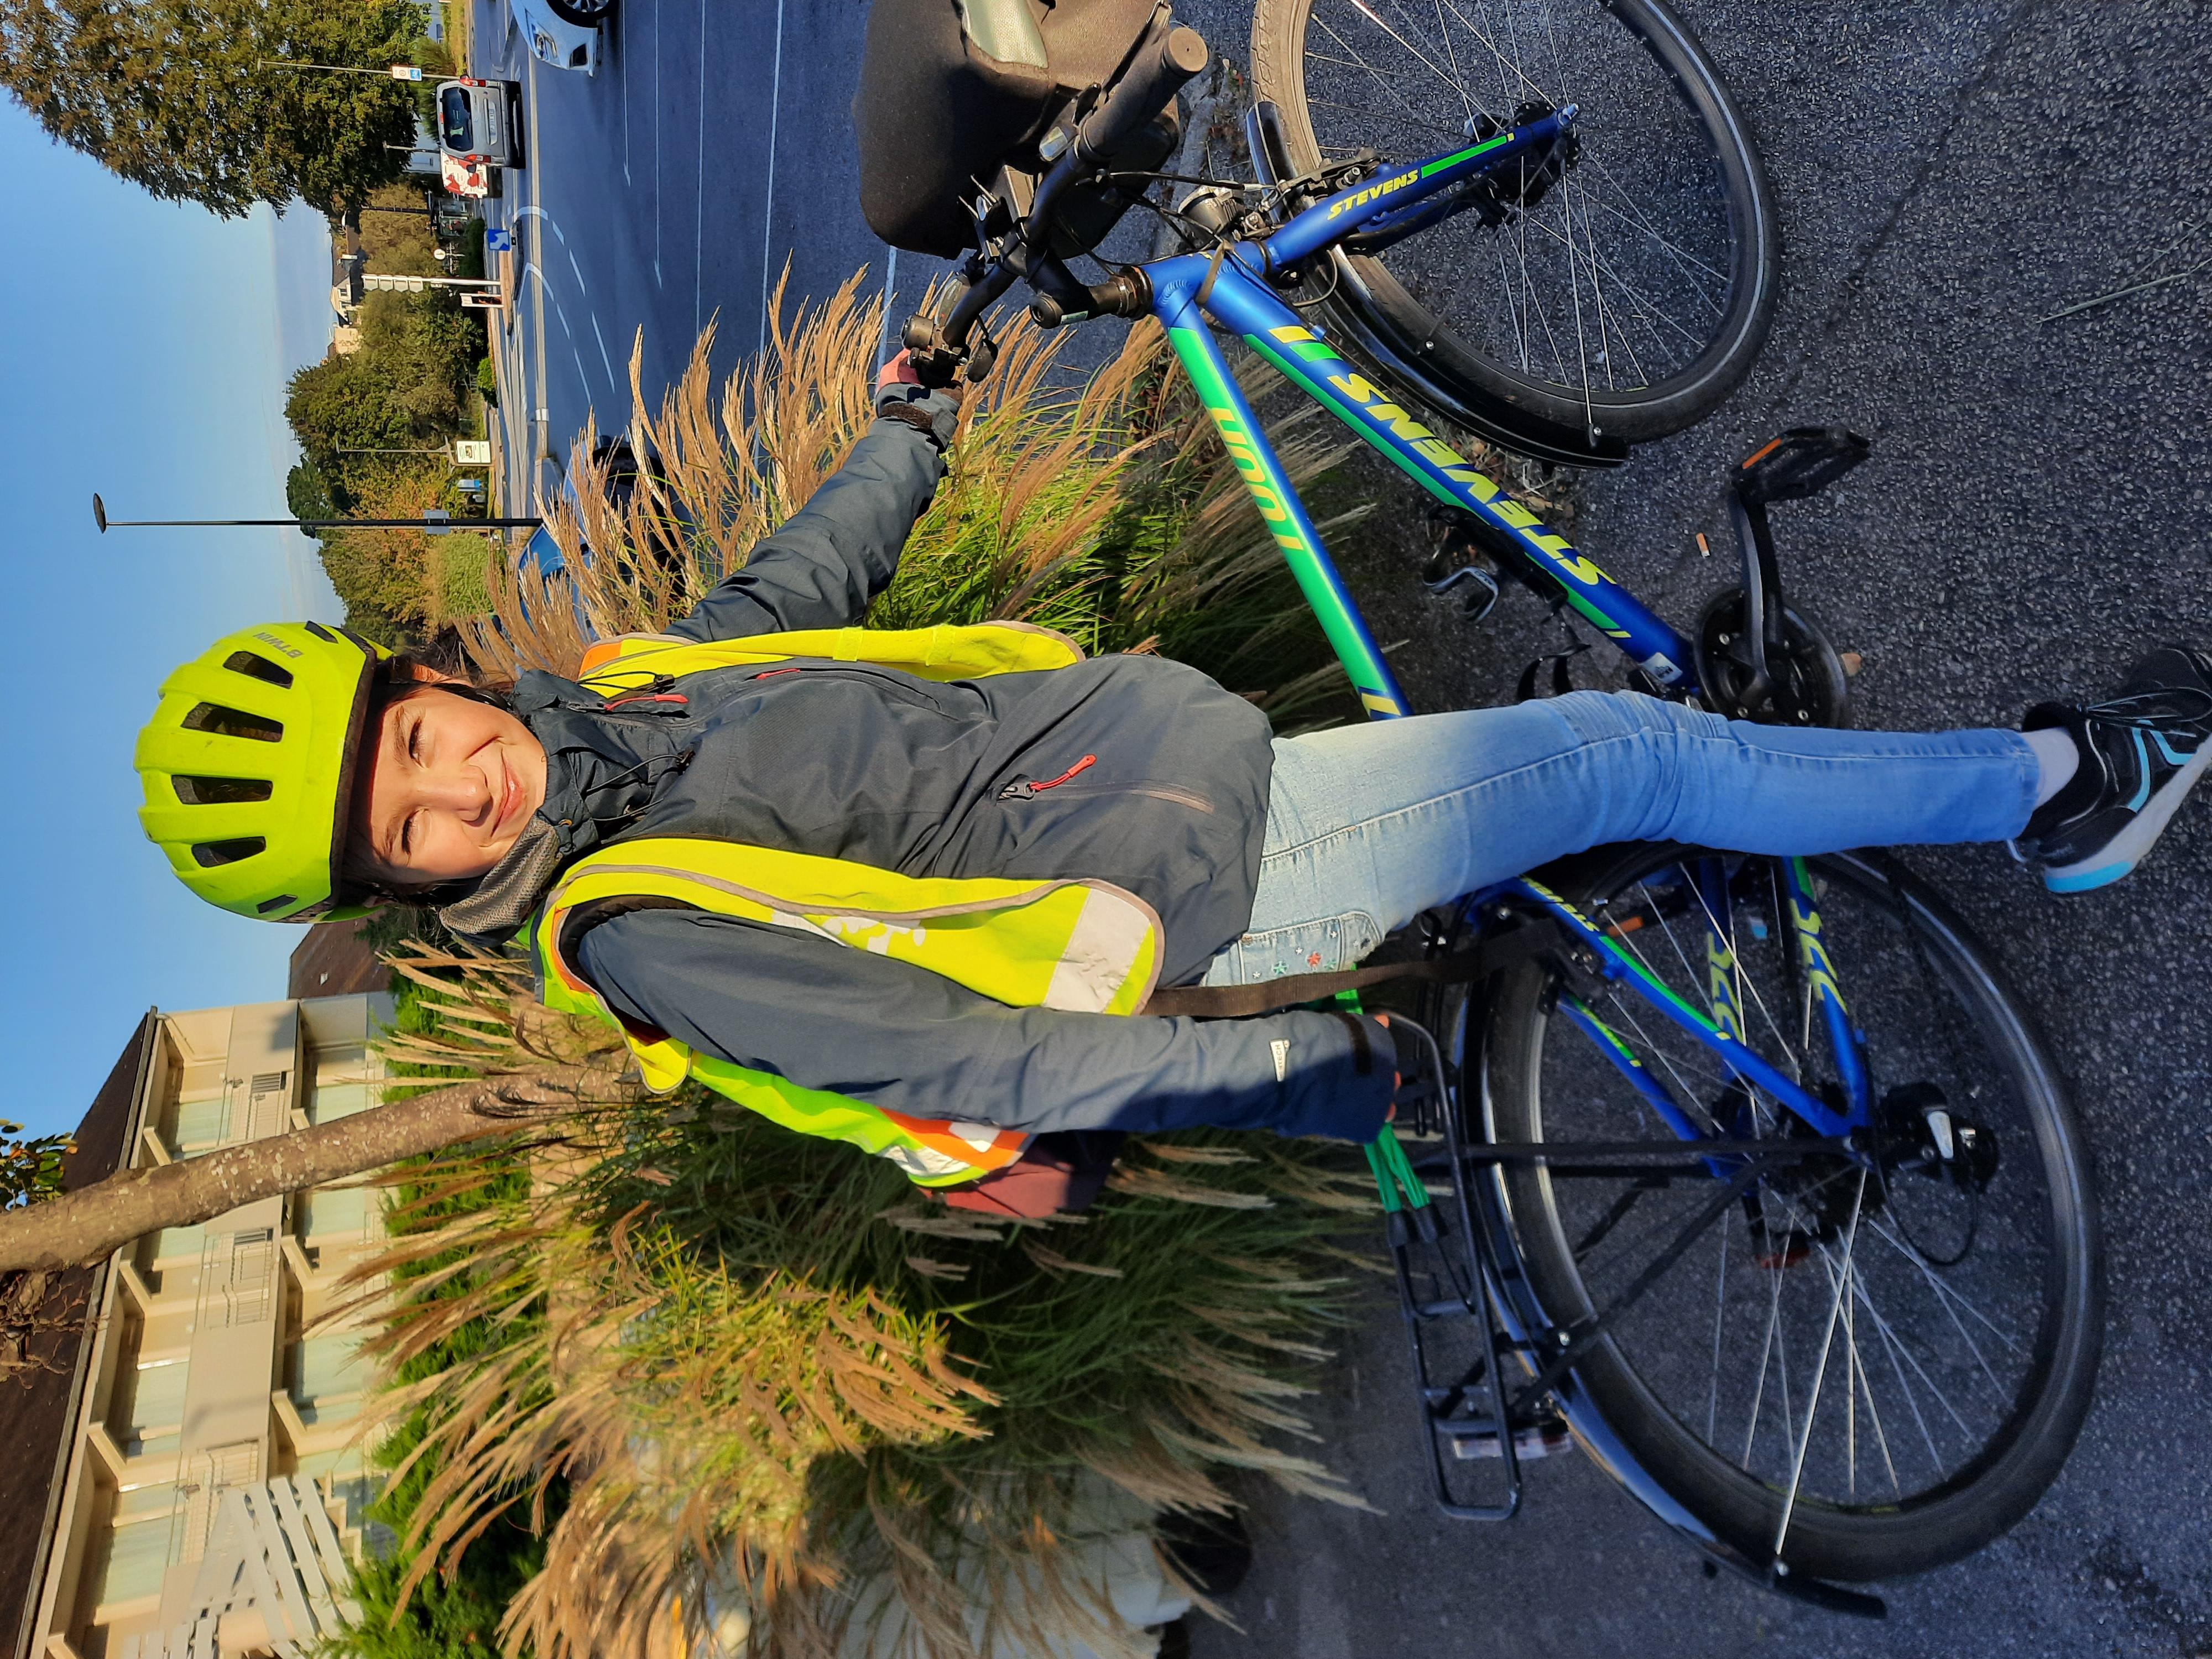 Lulubicyclette – Pour le Plaisir